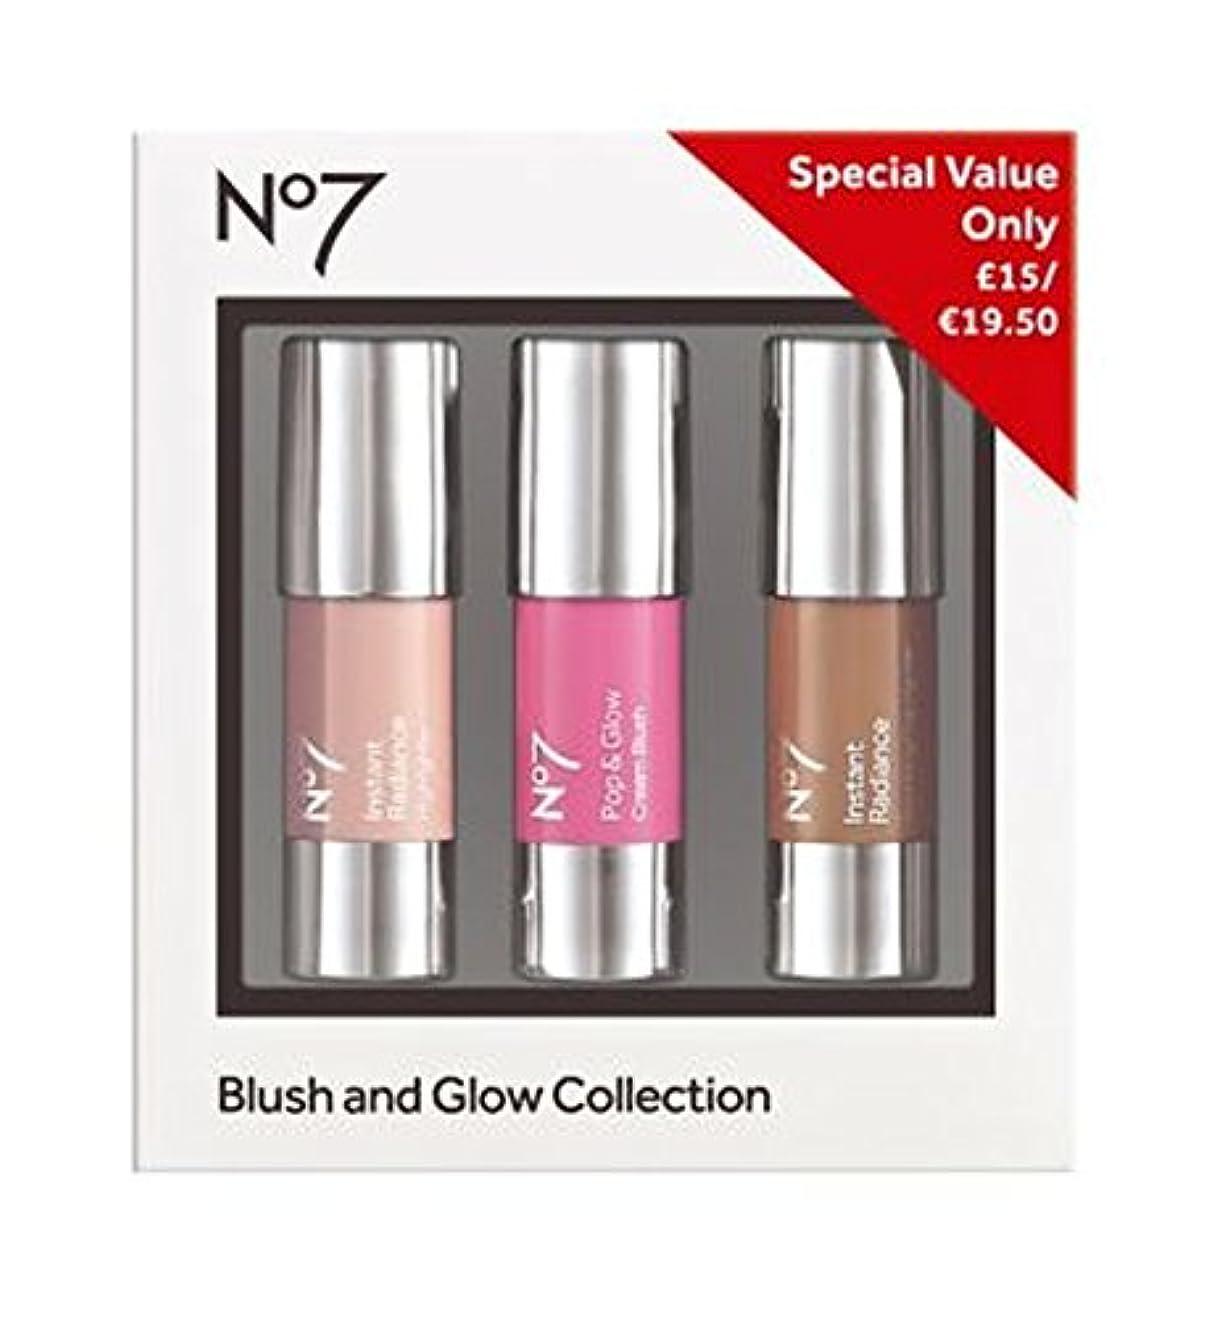 抹消連想複数No7 Blush and Glow Collection - No7の赤面とグローコレクション (No7) [並行輸入品]